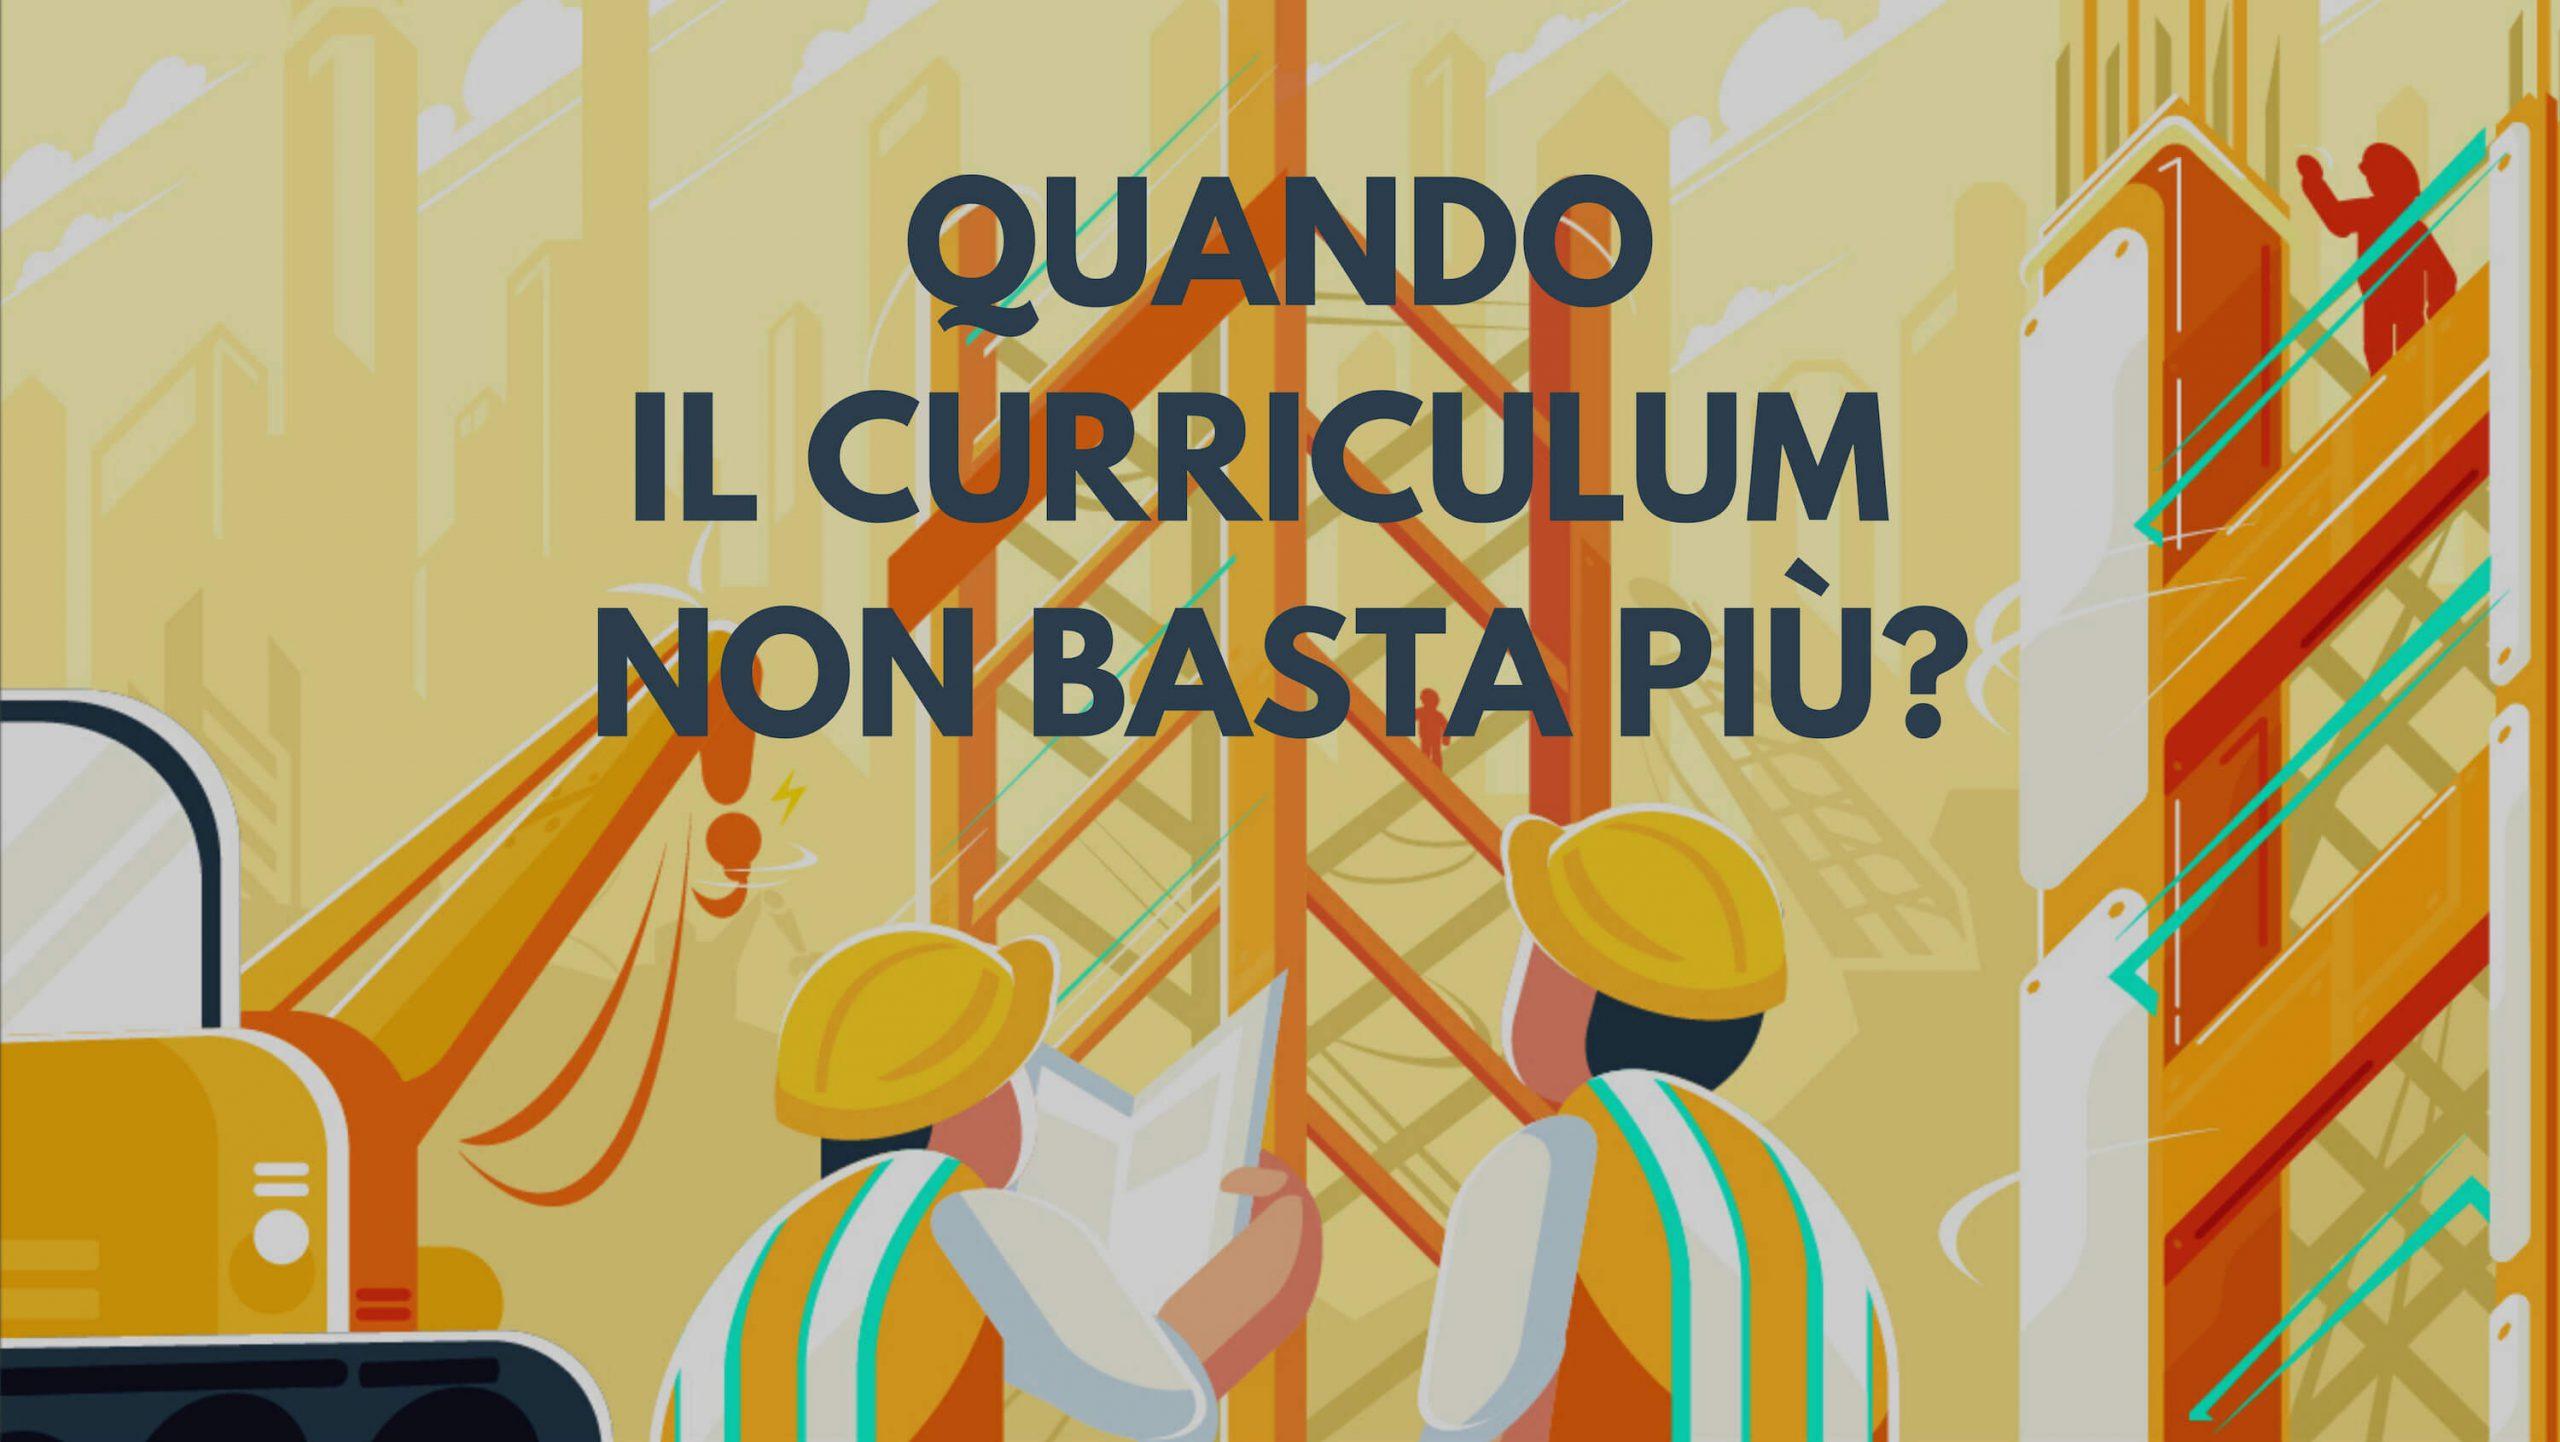 Quando Il Curriculum Non Basta Più?